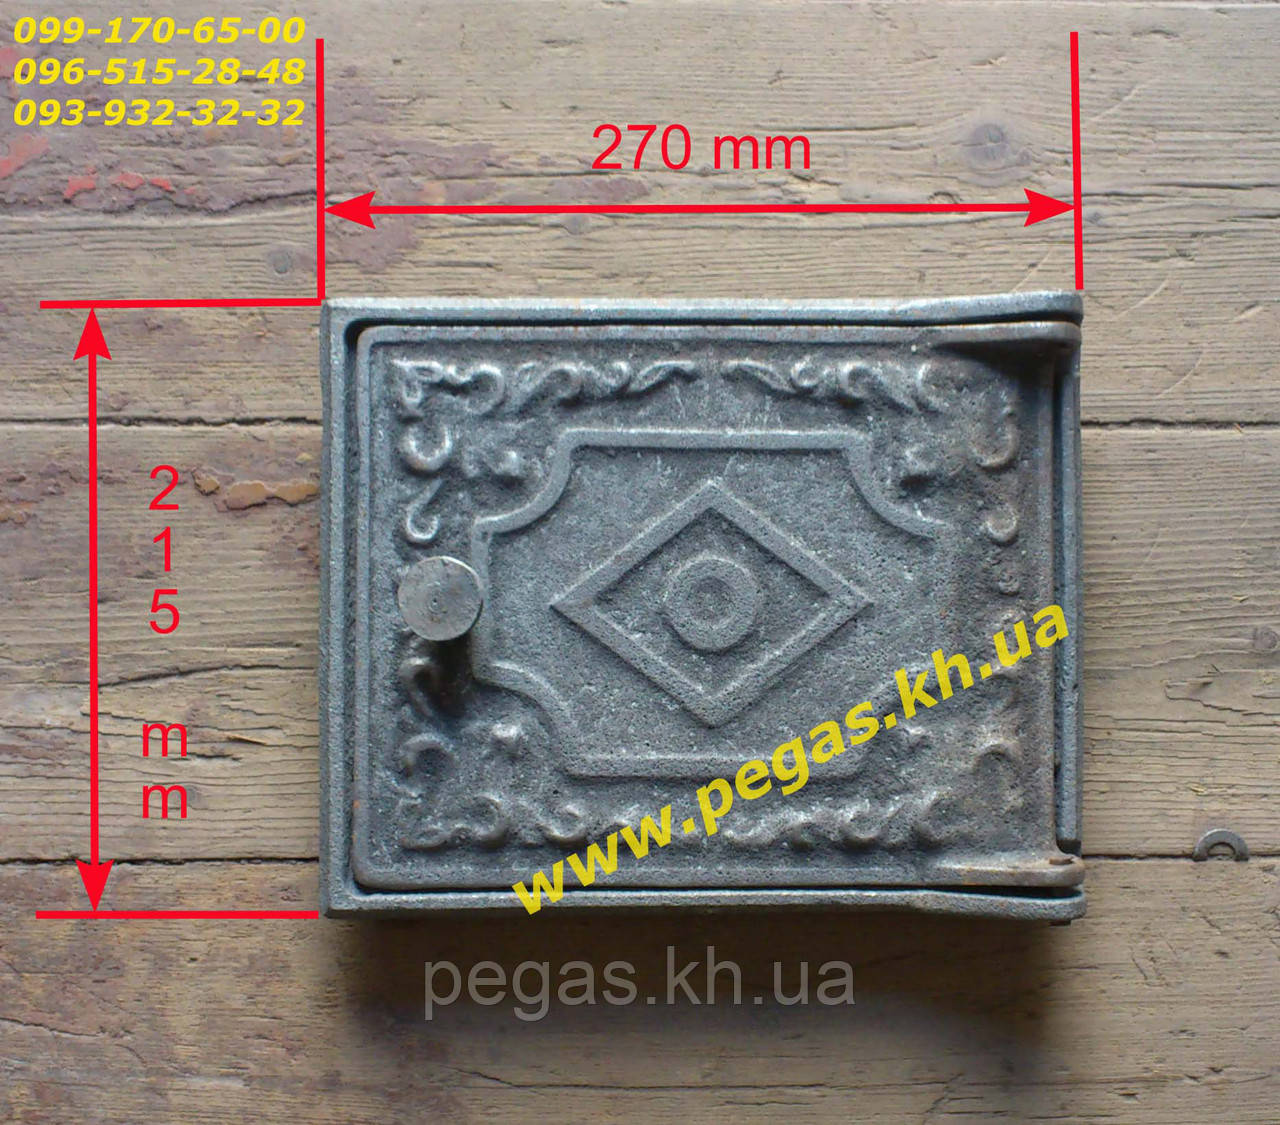 Дверка чугунная печная чугунное литье, барбекю, мангал, печи, котлы (200х250 мм)